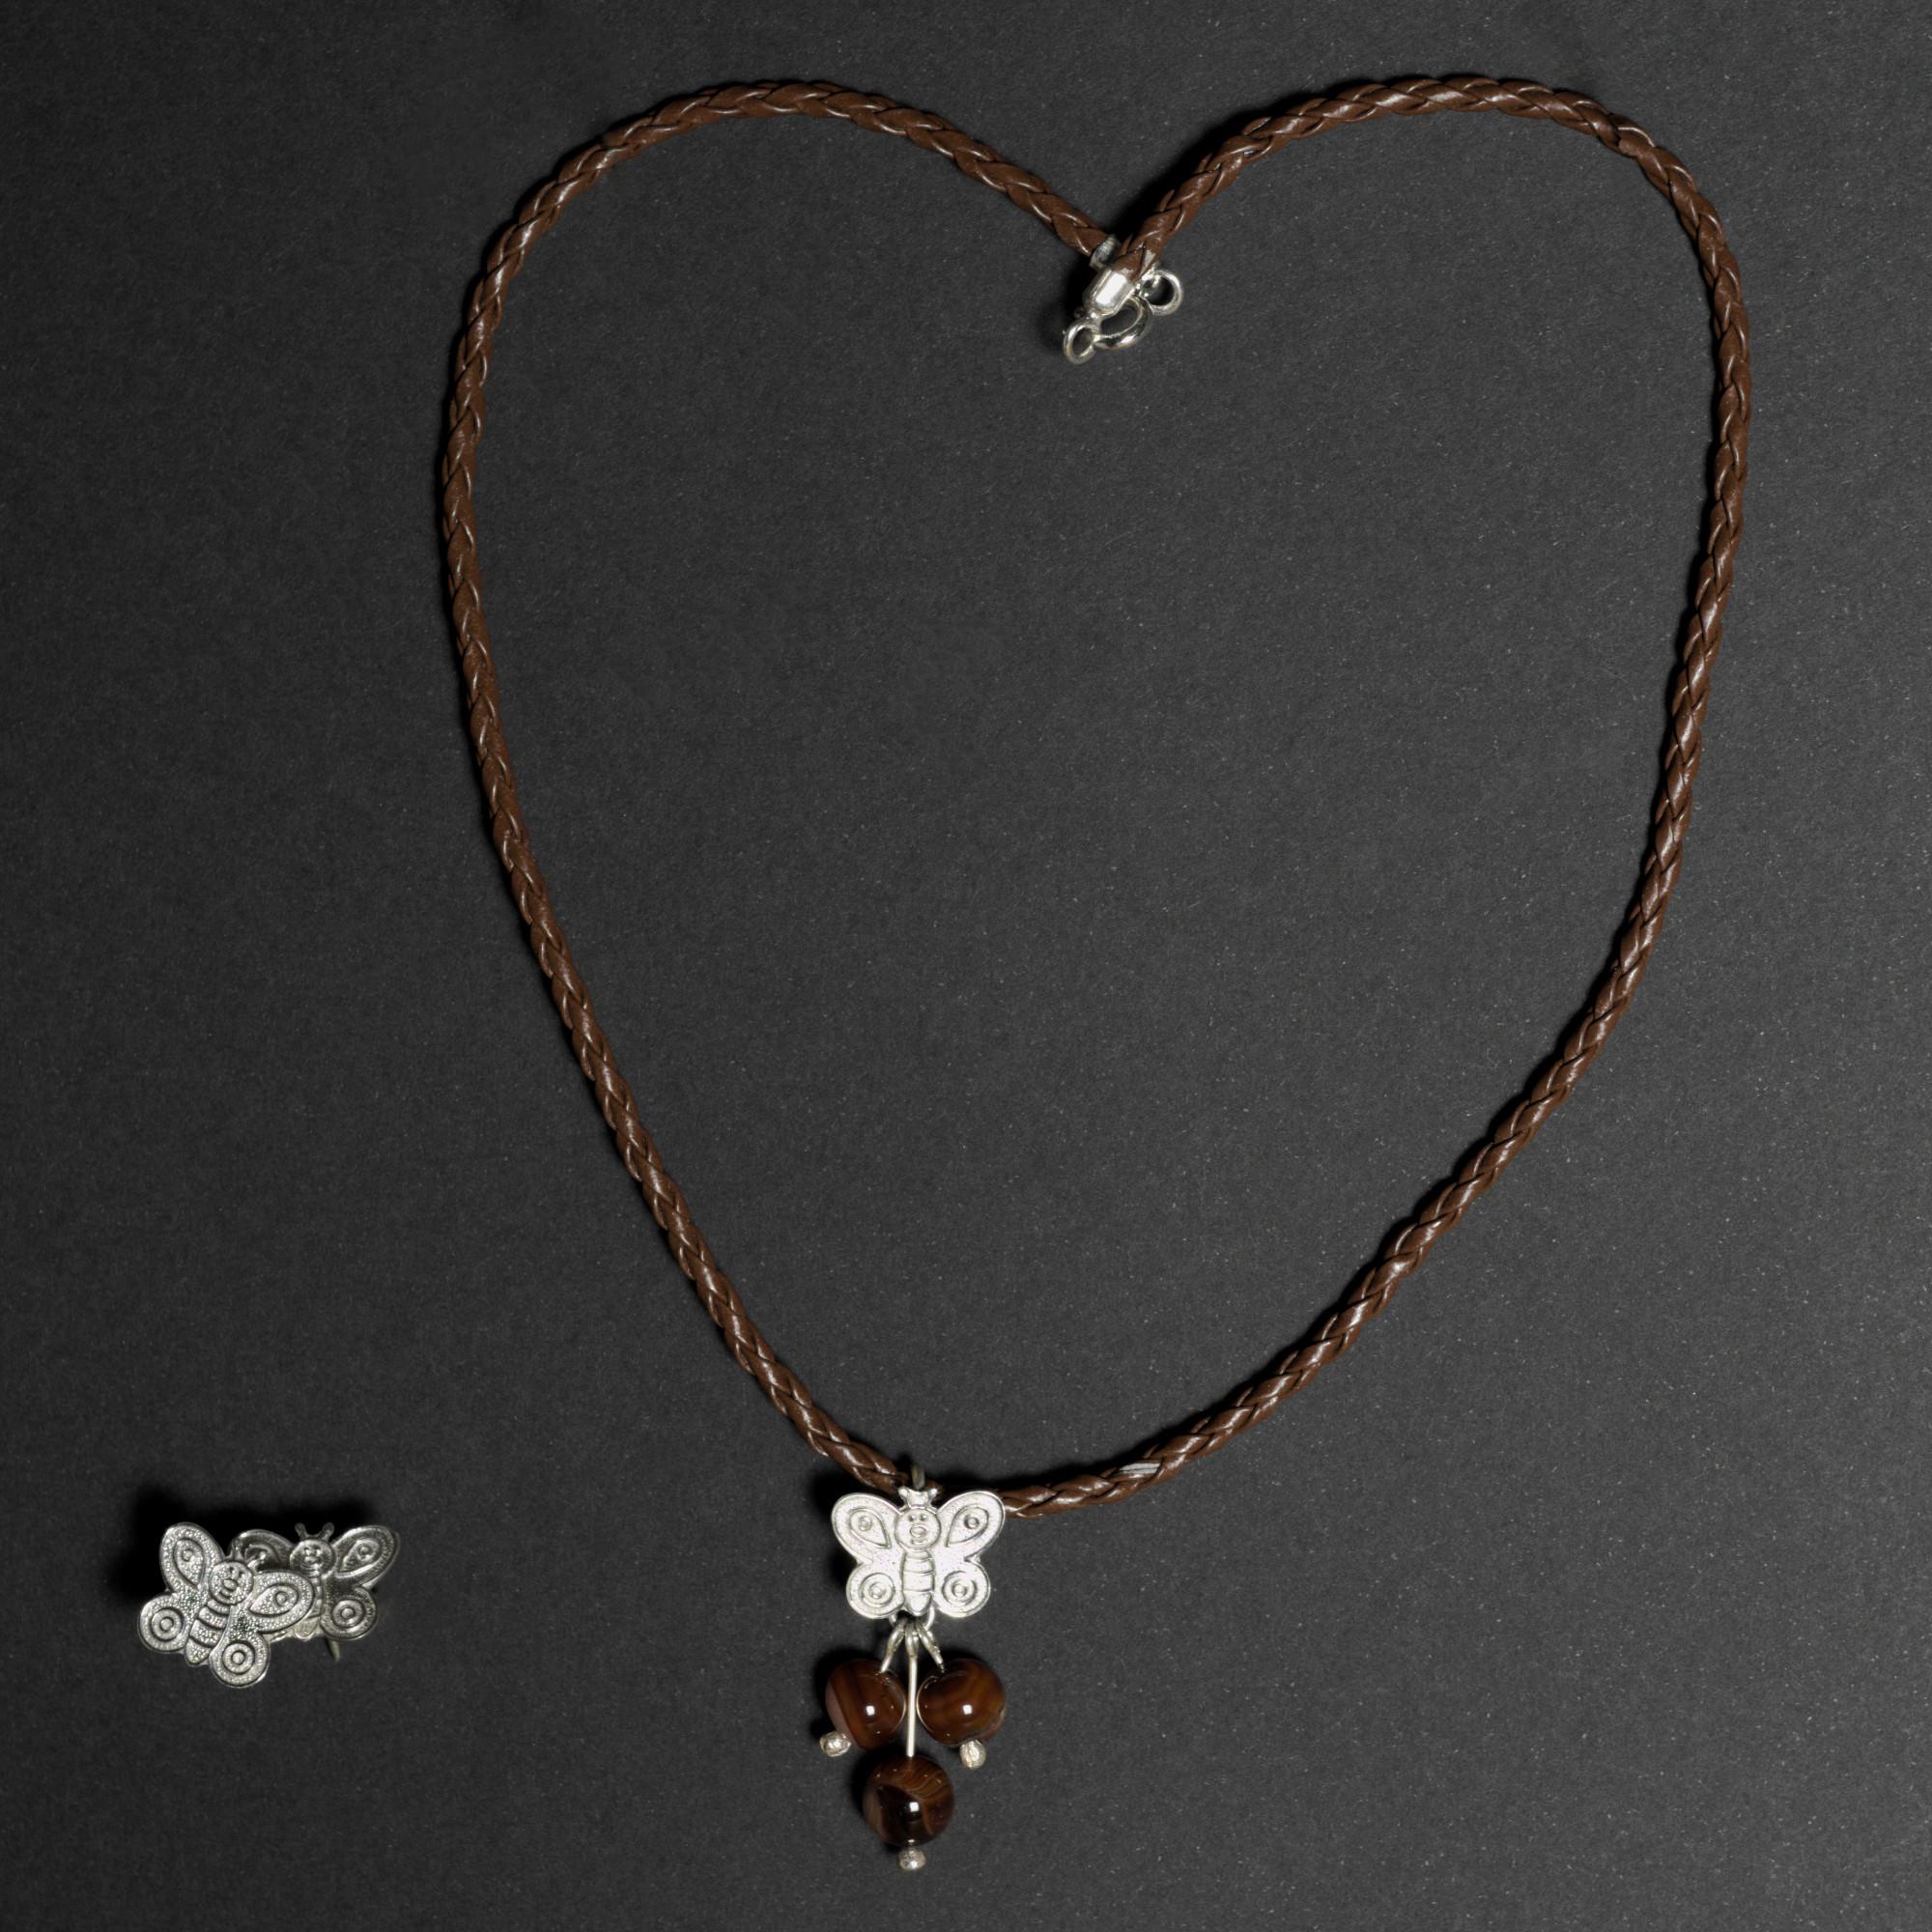 Cygni: Kombination av halsband, berlock och örhängen. Sterling silver och kristaller, glansig och polerad